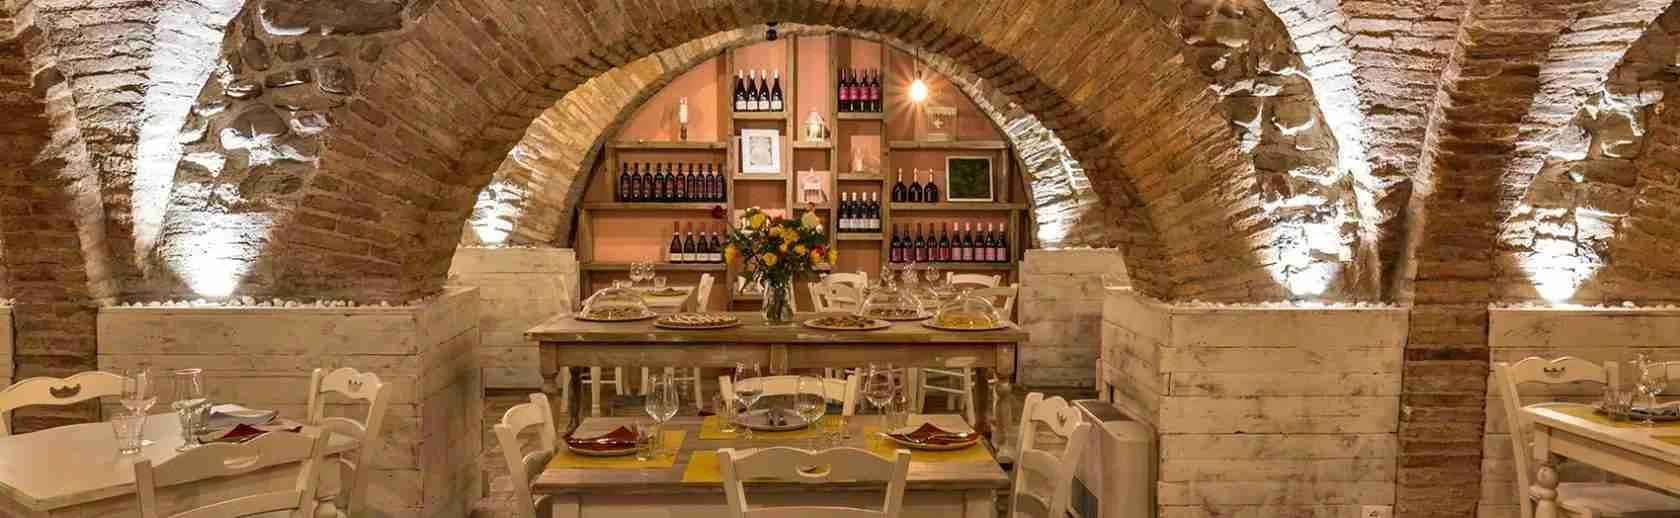 Le escort Pesaro Urbino amano cenare in una vecchia osteria tra i borghi medioevali. Magica Escort